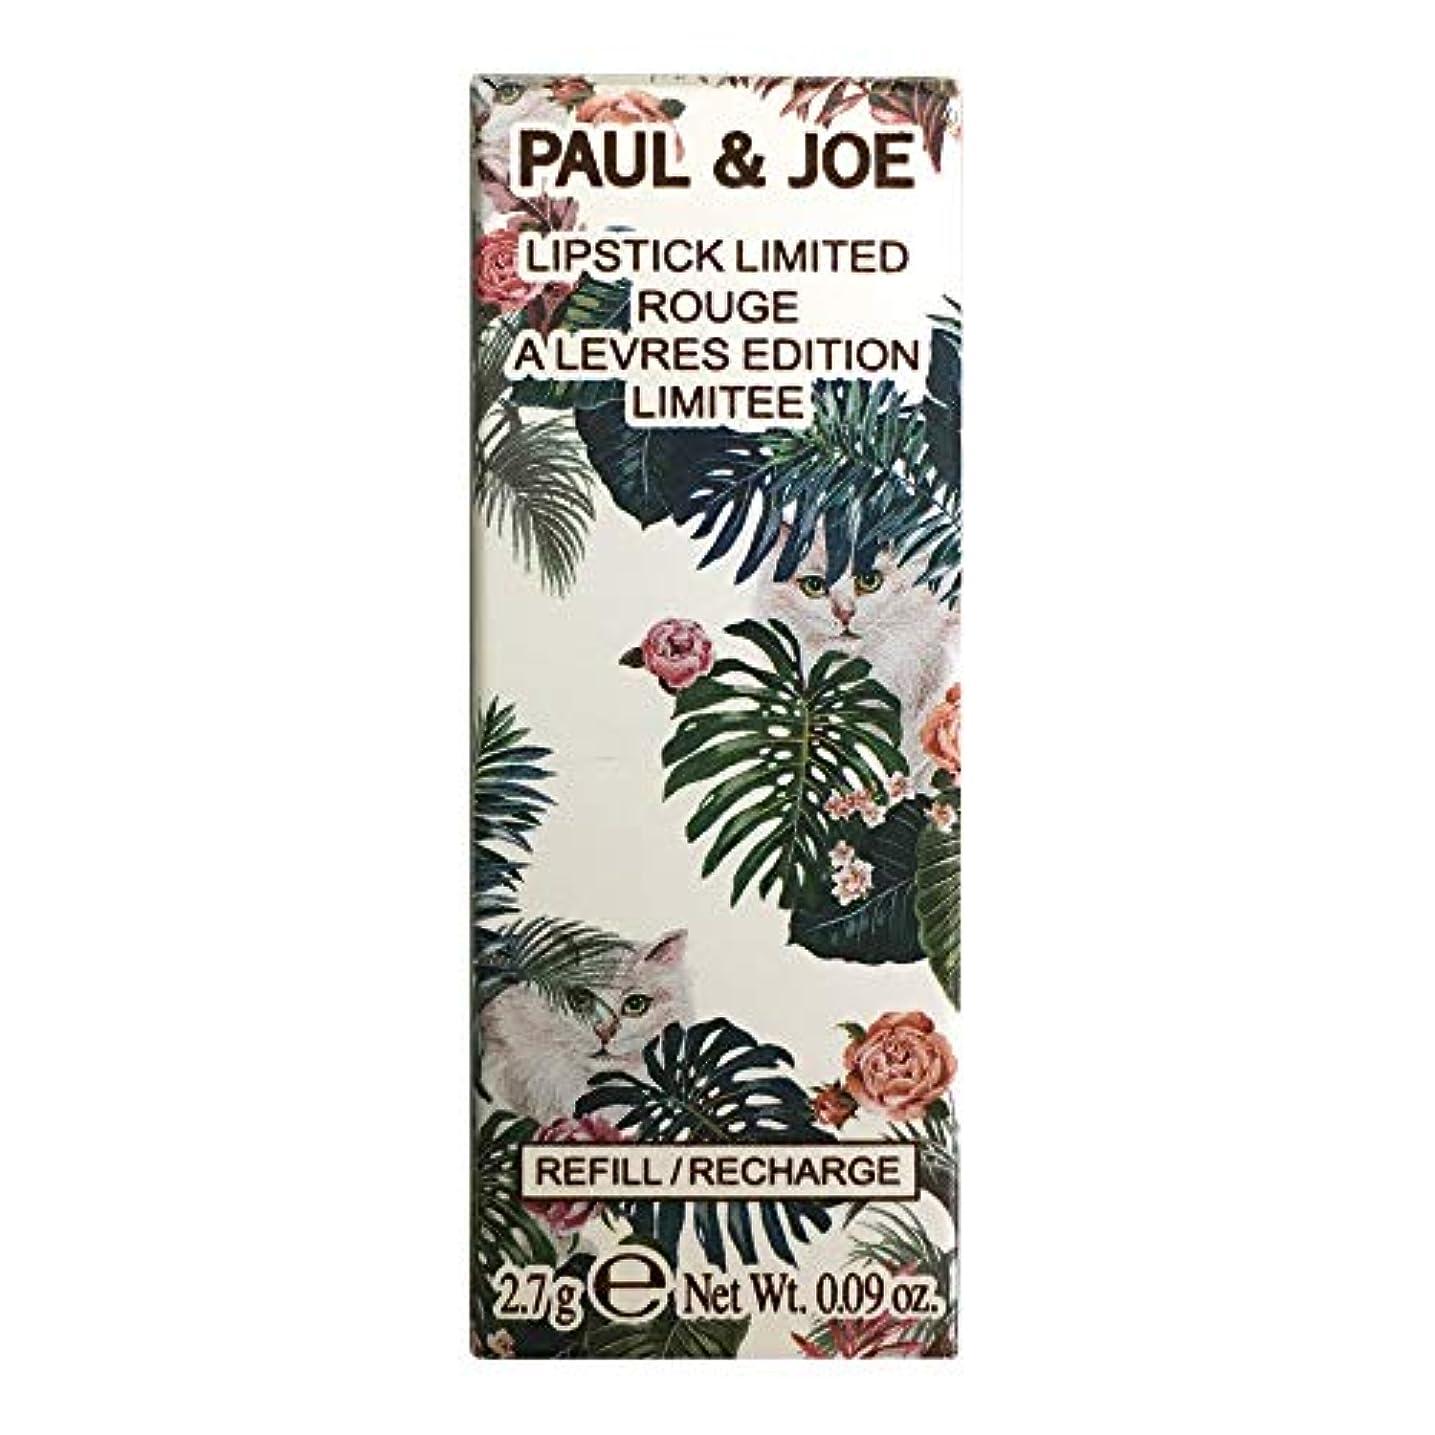 嫌がる欠員海軍ポール & ジョー/PAUL & JOE リップスティック リミテッド #007(レフィル) (限定) [ 口紅 ] [並行輸入品]